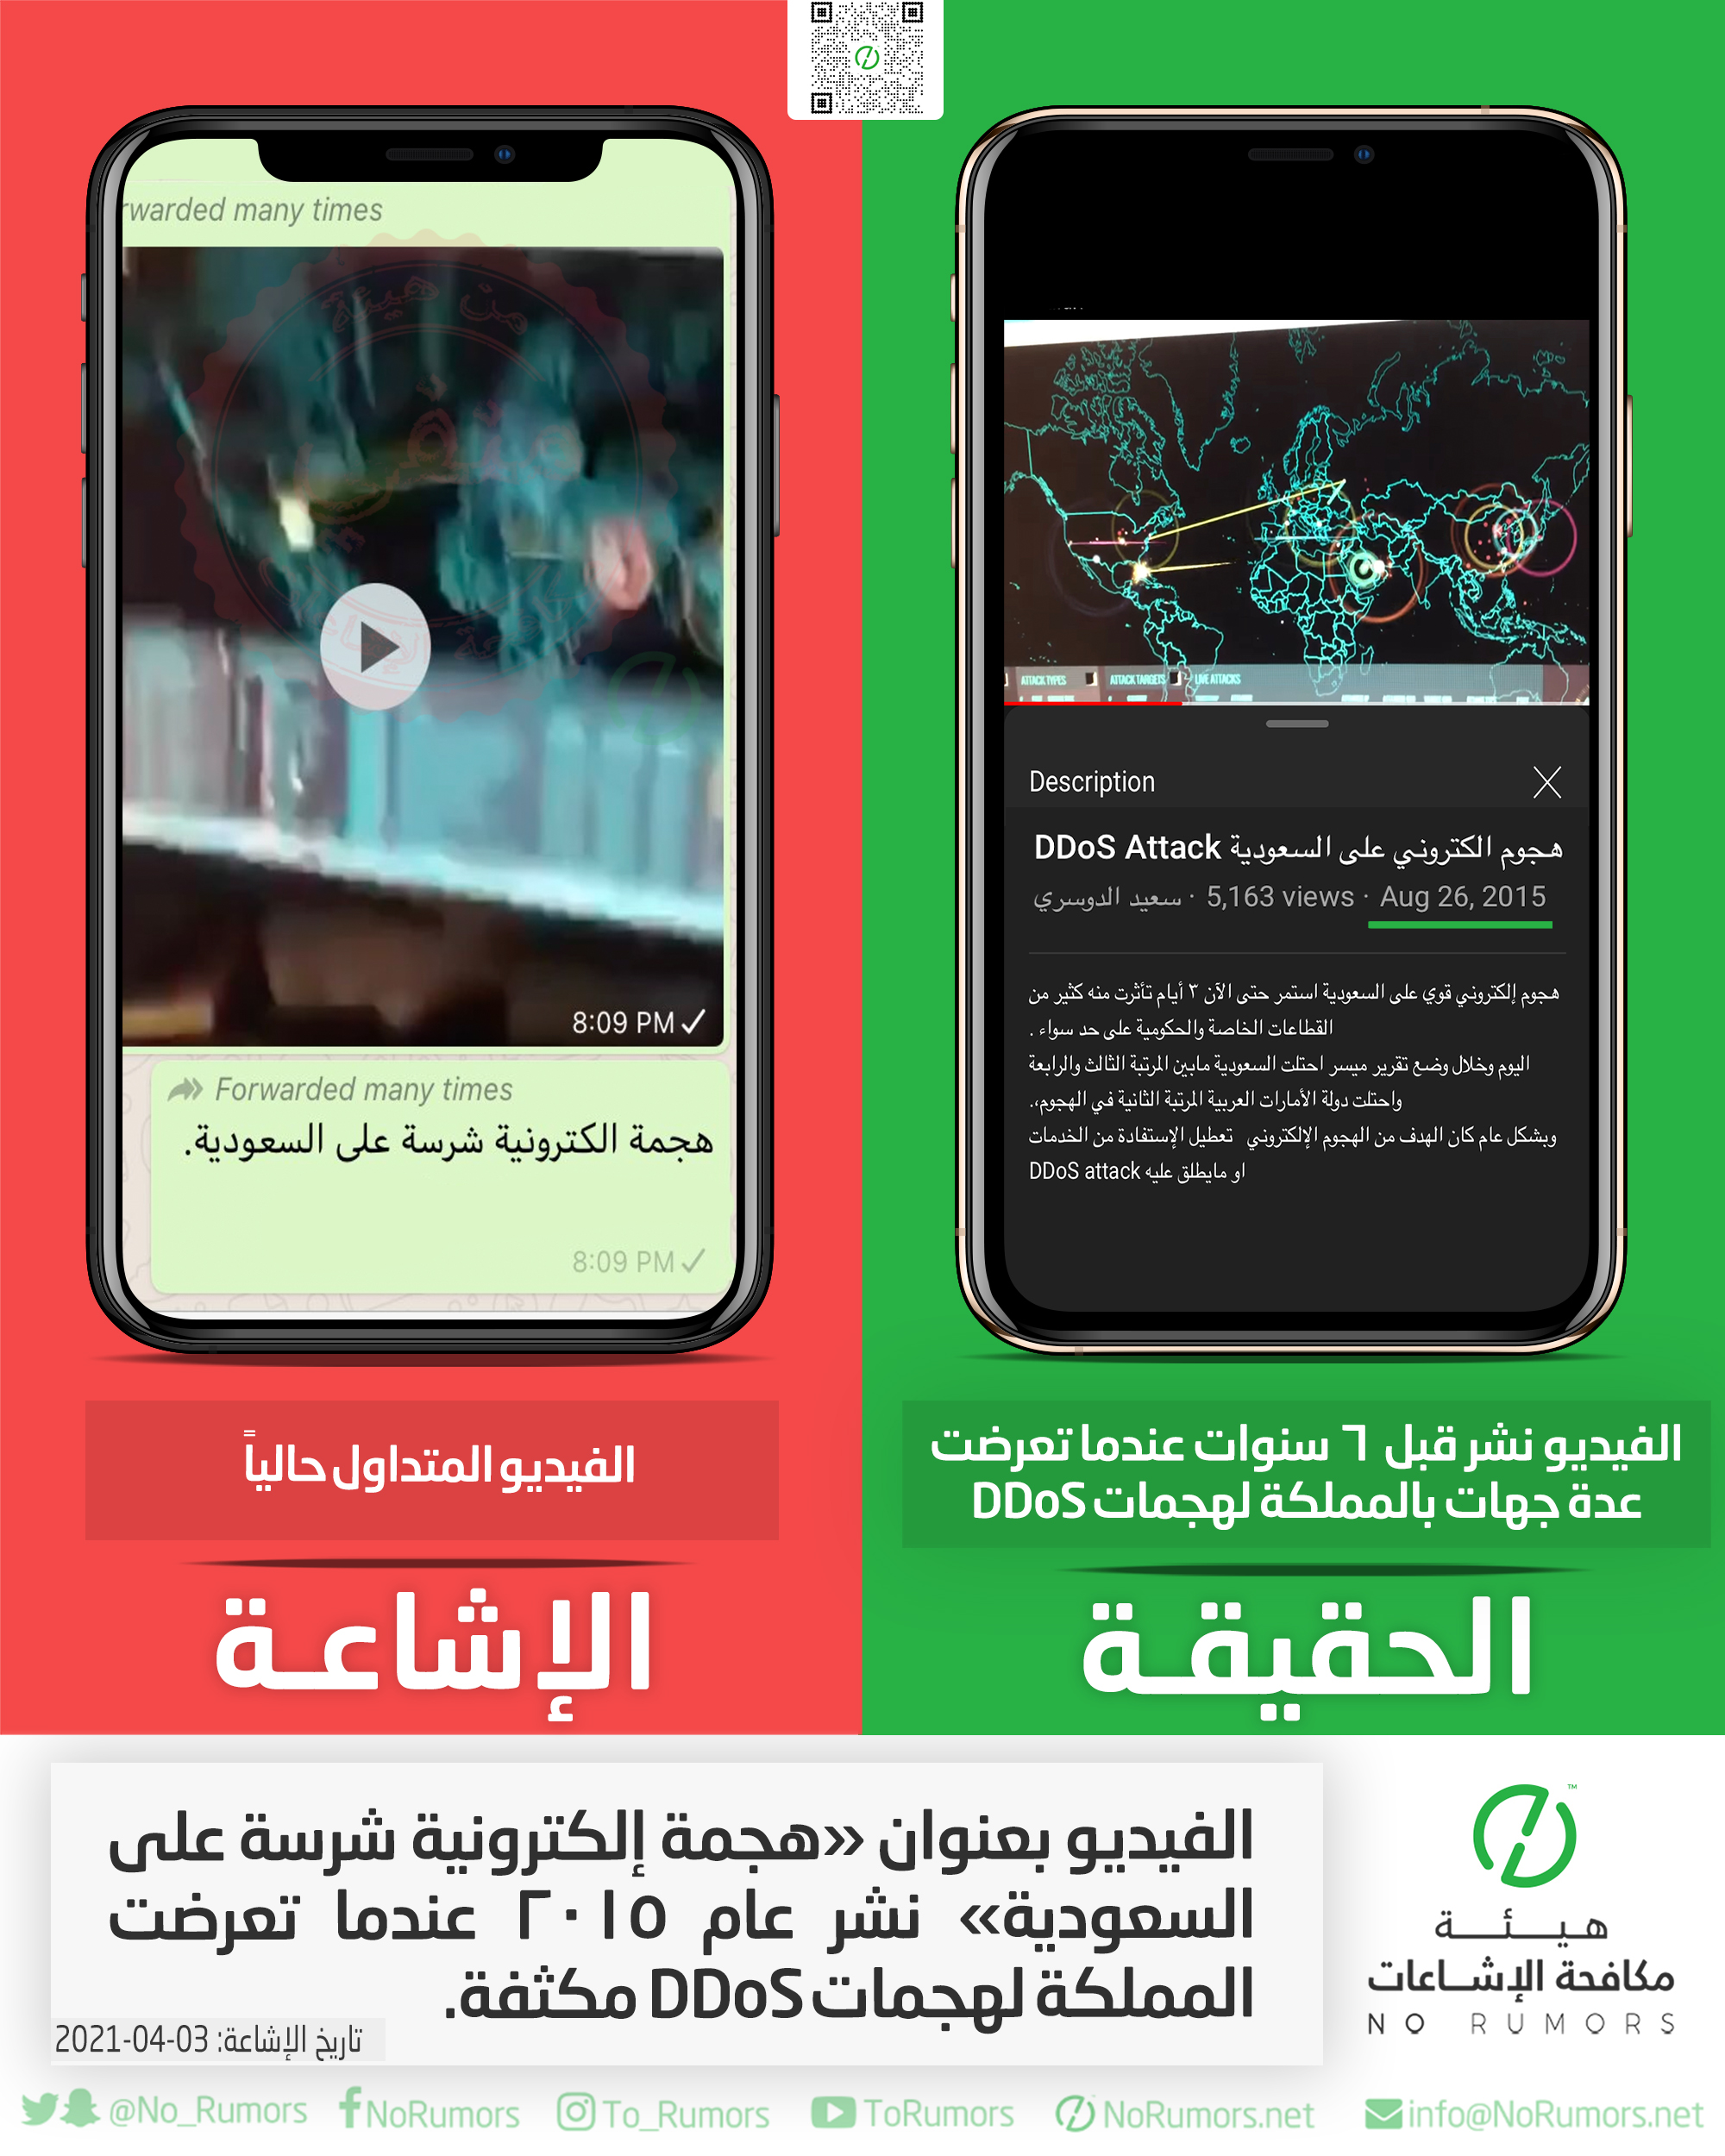 حقيقة الفيديو بعنوان «هجمة إلكترونية شرسة على السعودية»